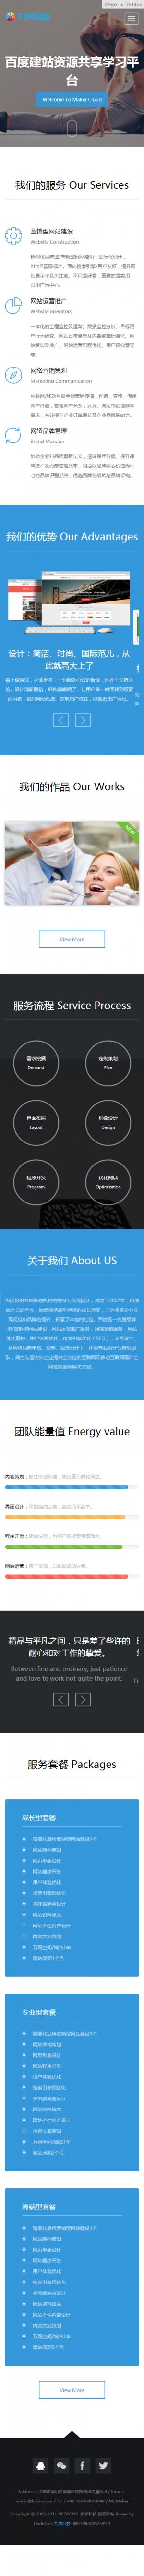 响应式网络设计资源共享类企业网站织梦模板(自适应手机端)手机端演示